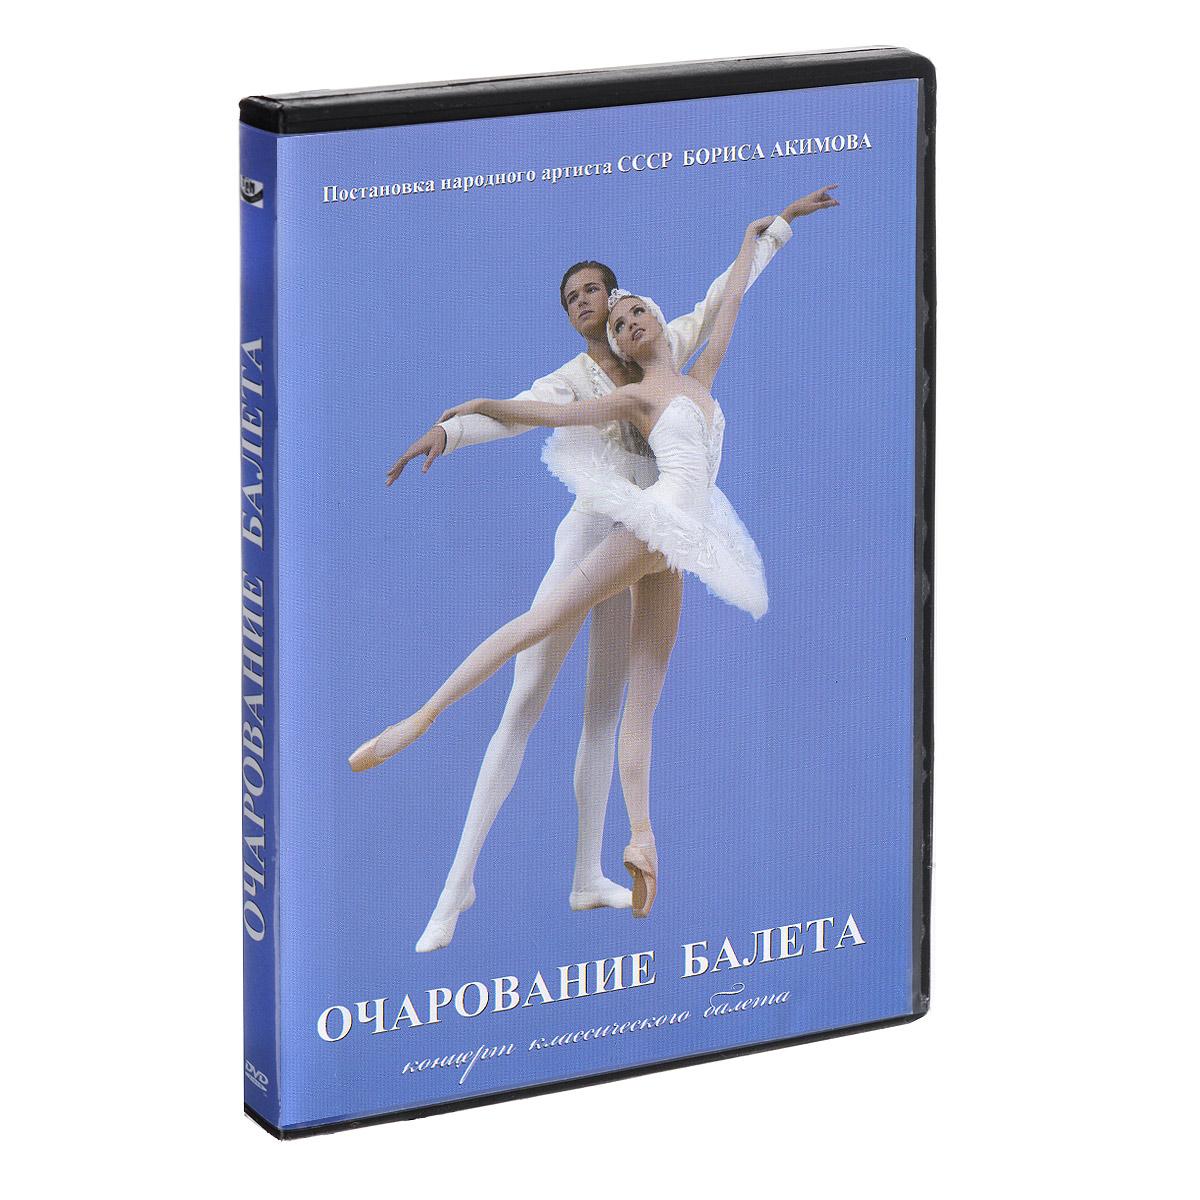 Очарование балета: Концерт классического балета безуглая г а новый концертмейстер балета